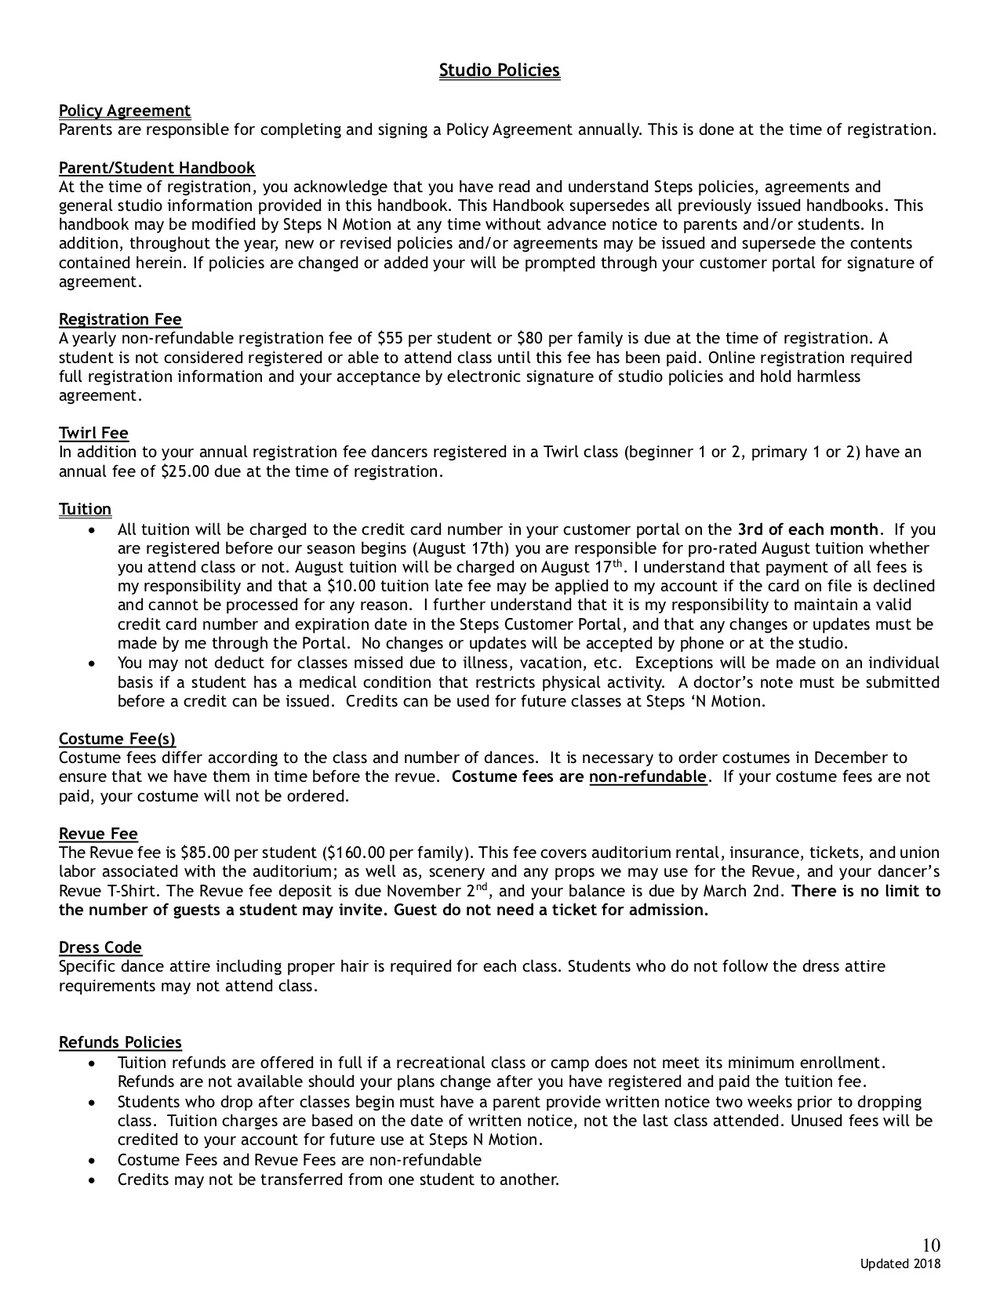 parent handbook 2018 final page10.jpg